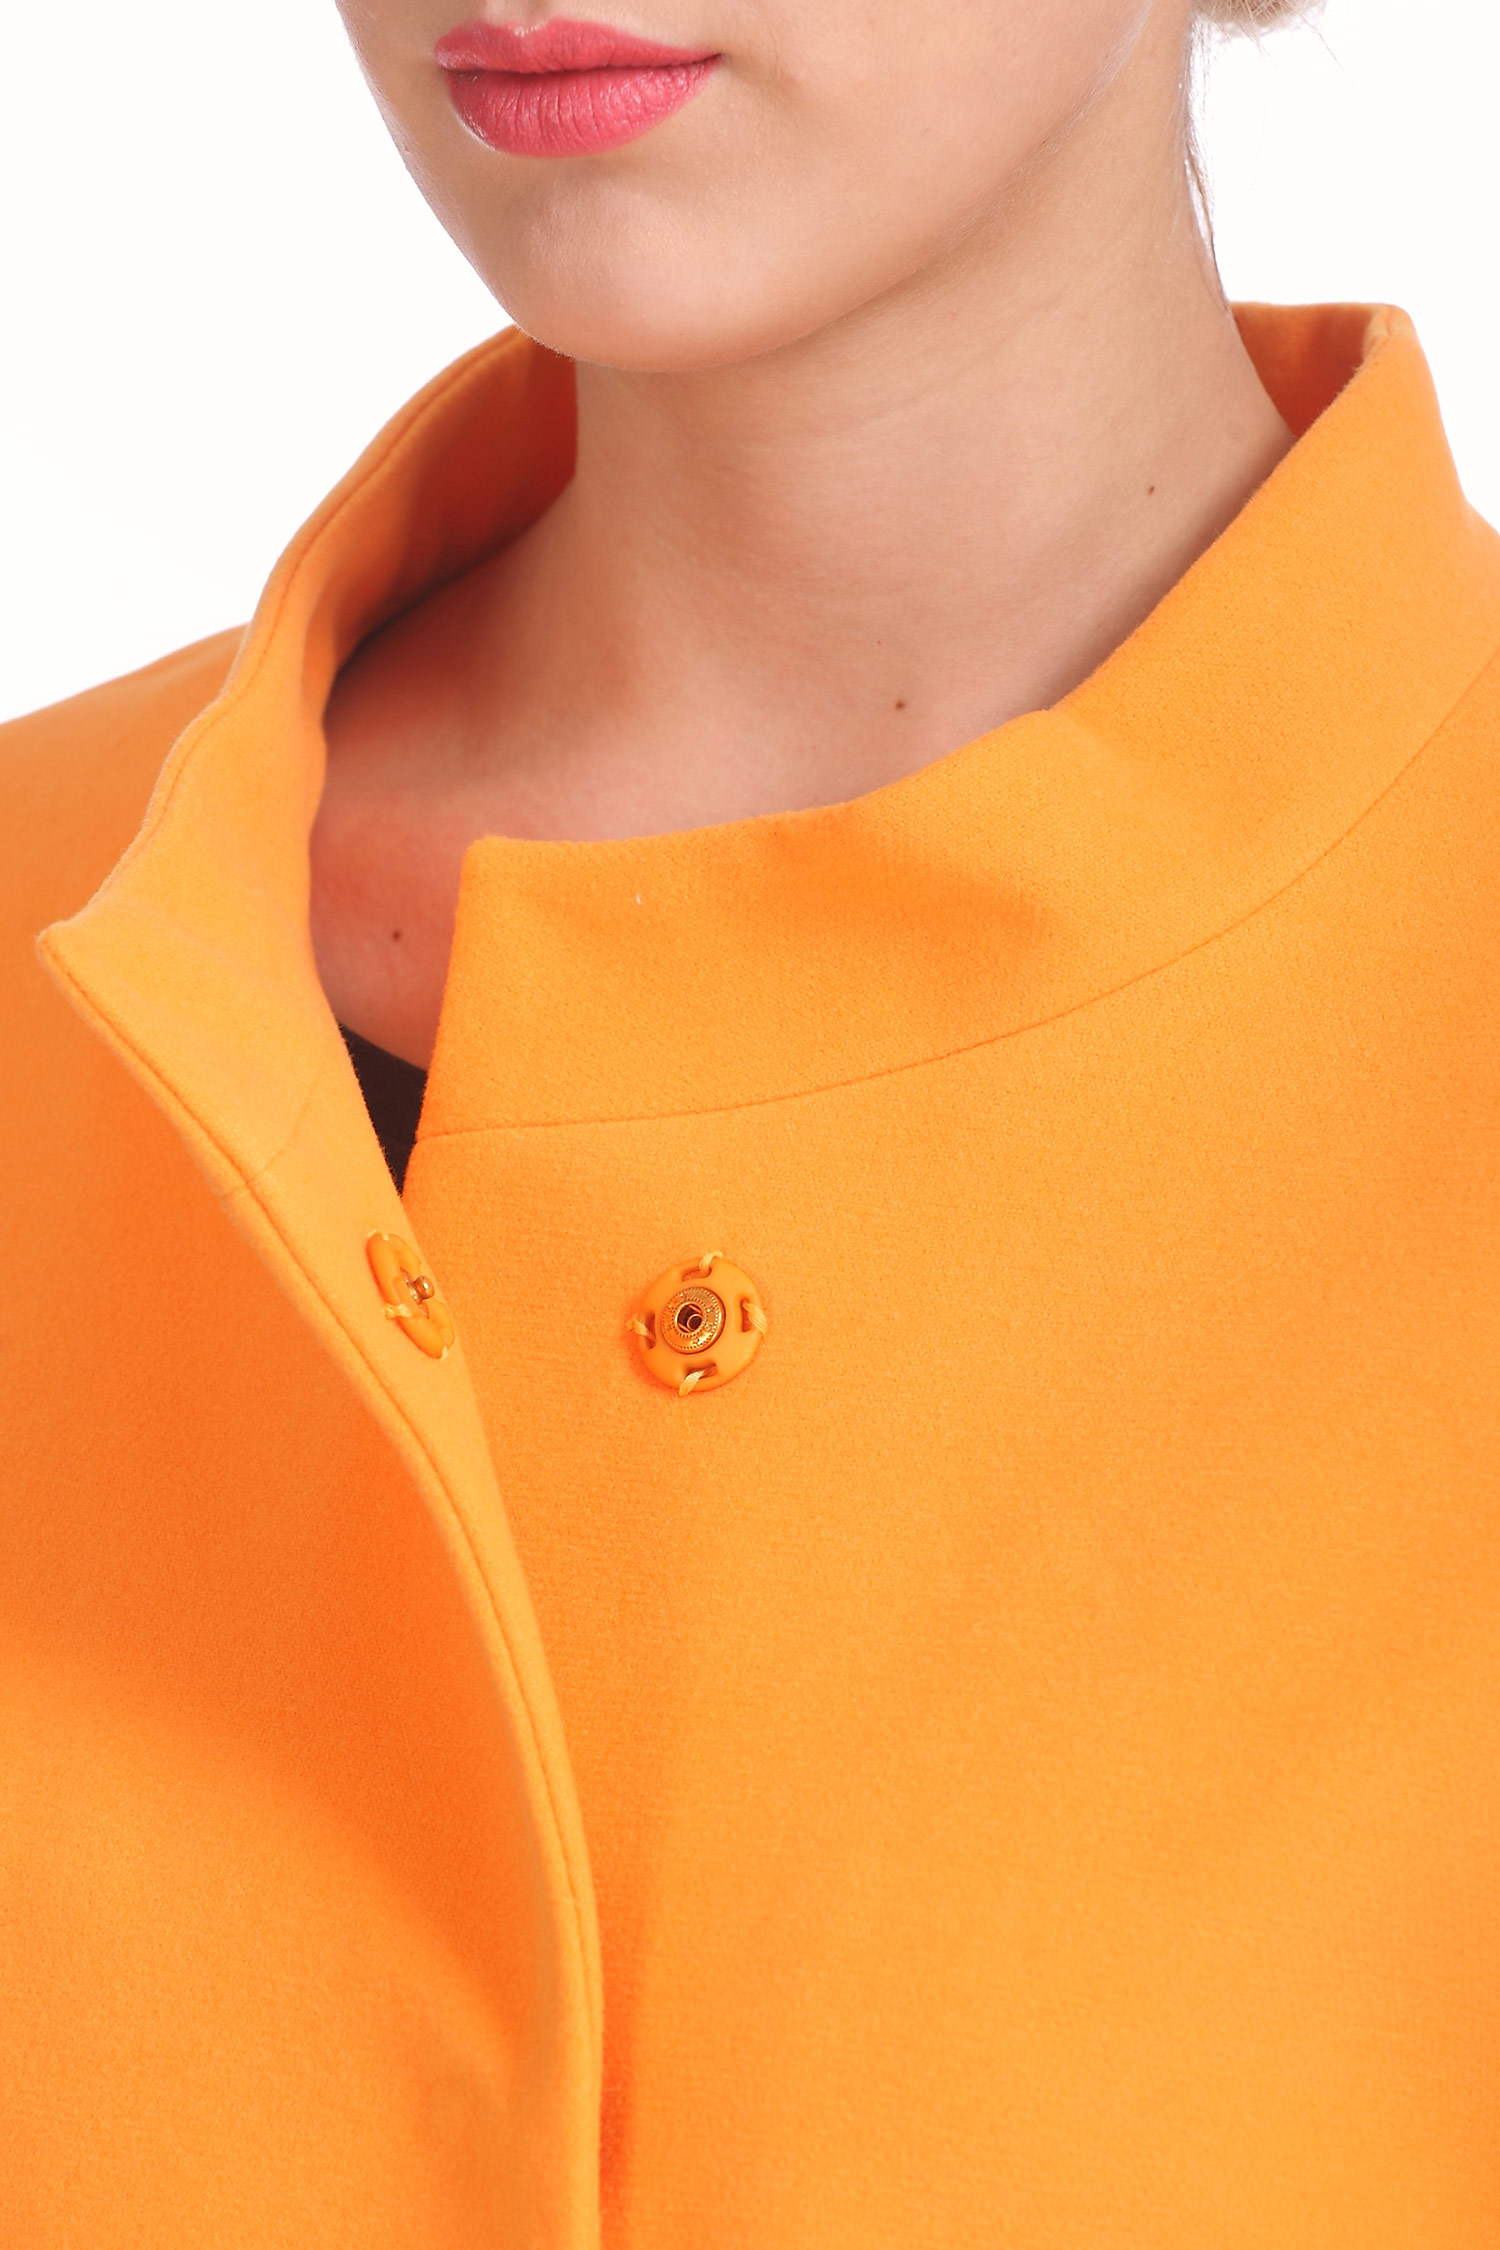 Фото 4 - Женское пальто из текстиля с воротником от МОСМЕХА оранжевого цвета